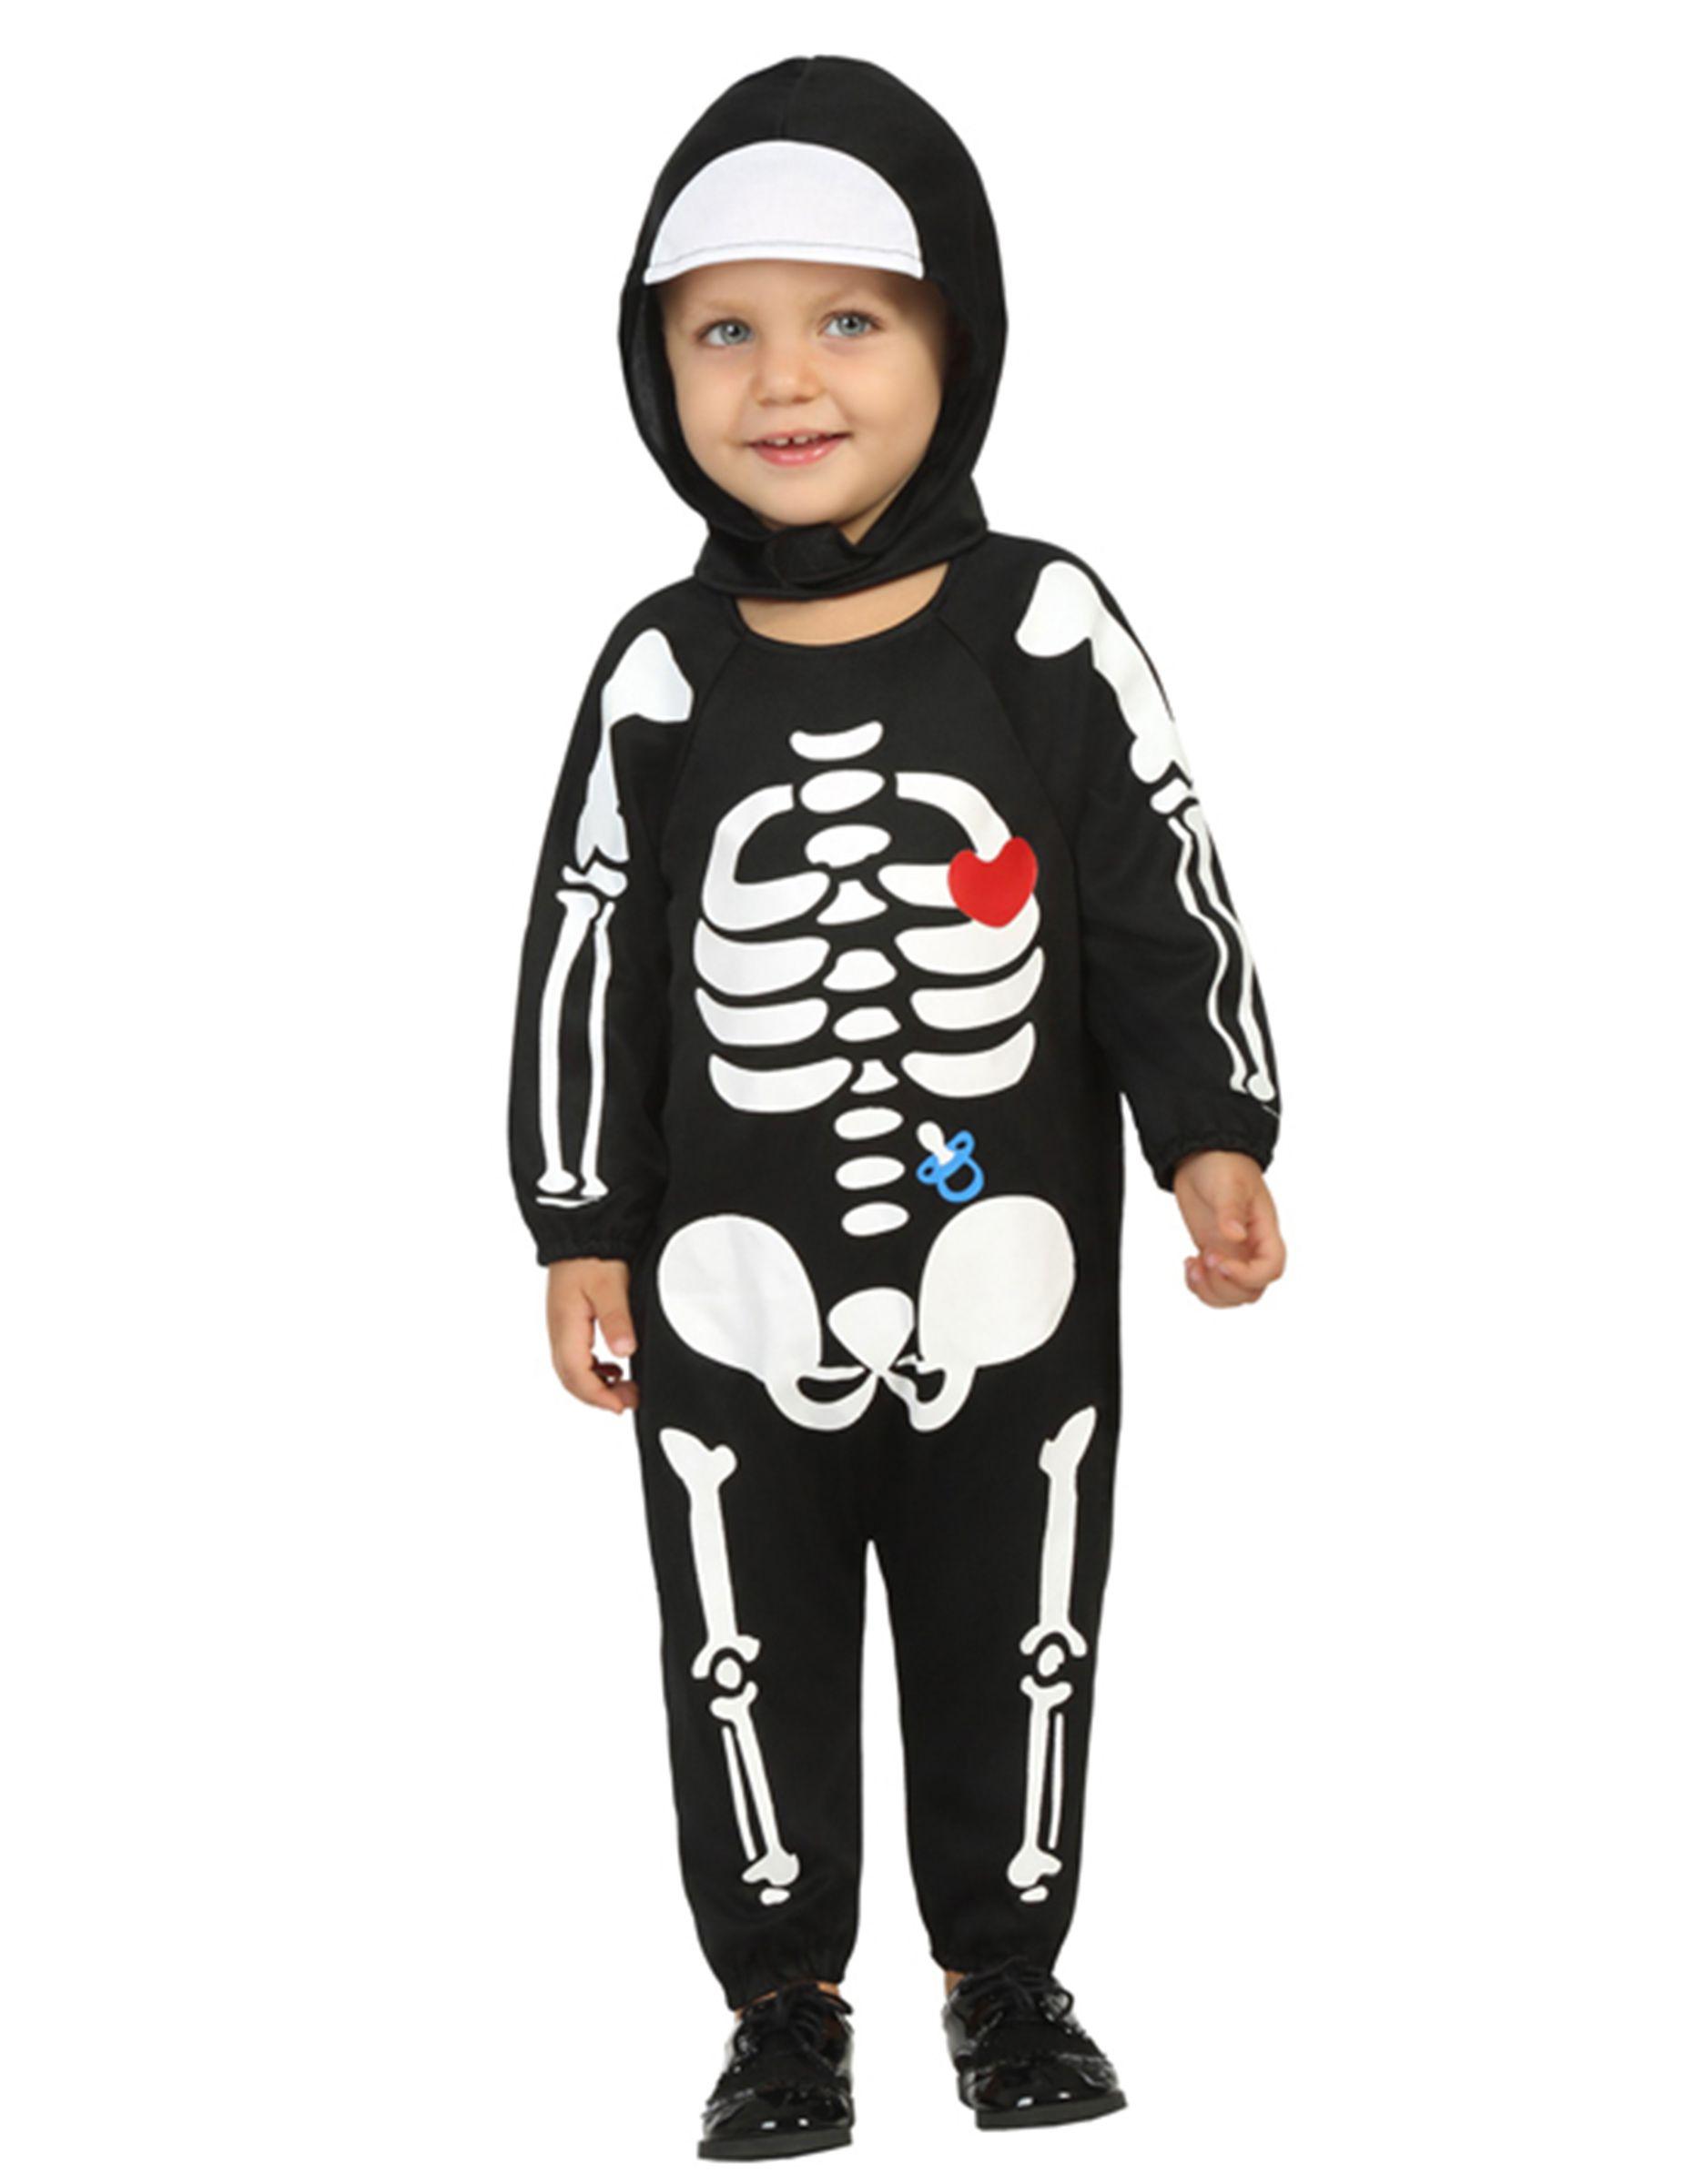 Disfraz de esqueleto bebé niño Halloween  Este disfraz de esqueleto para  niño incluye traje y capucha (zapatos no incluidos).El traje es negro con  estampado ... 6e14a7df705